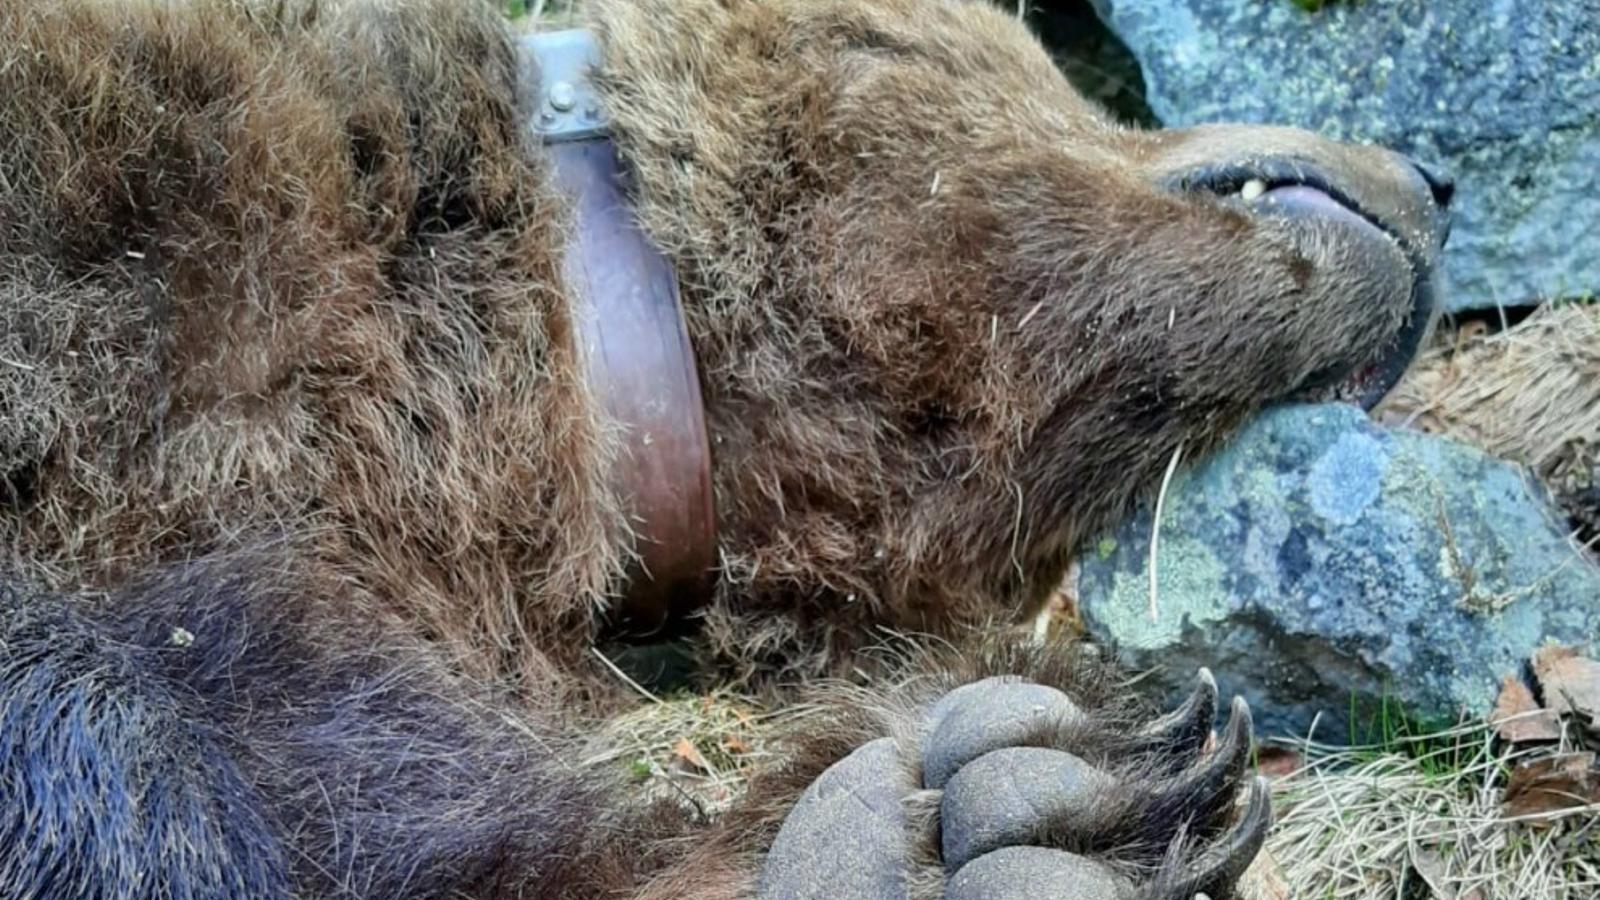 L'os Cachou, trobat mort el passat 9 d'abril. / AGENTS RURALS DE LA GENERALITAT